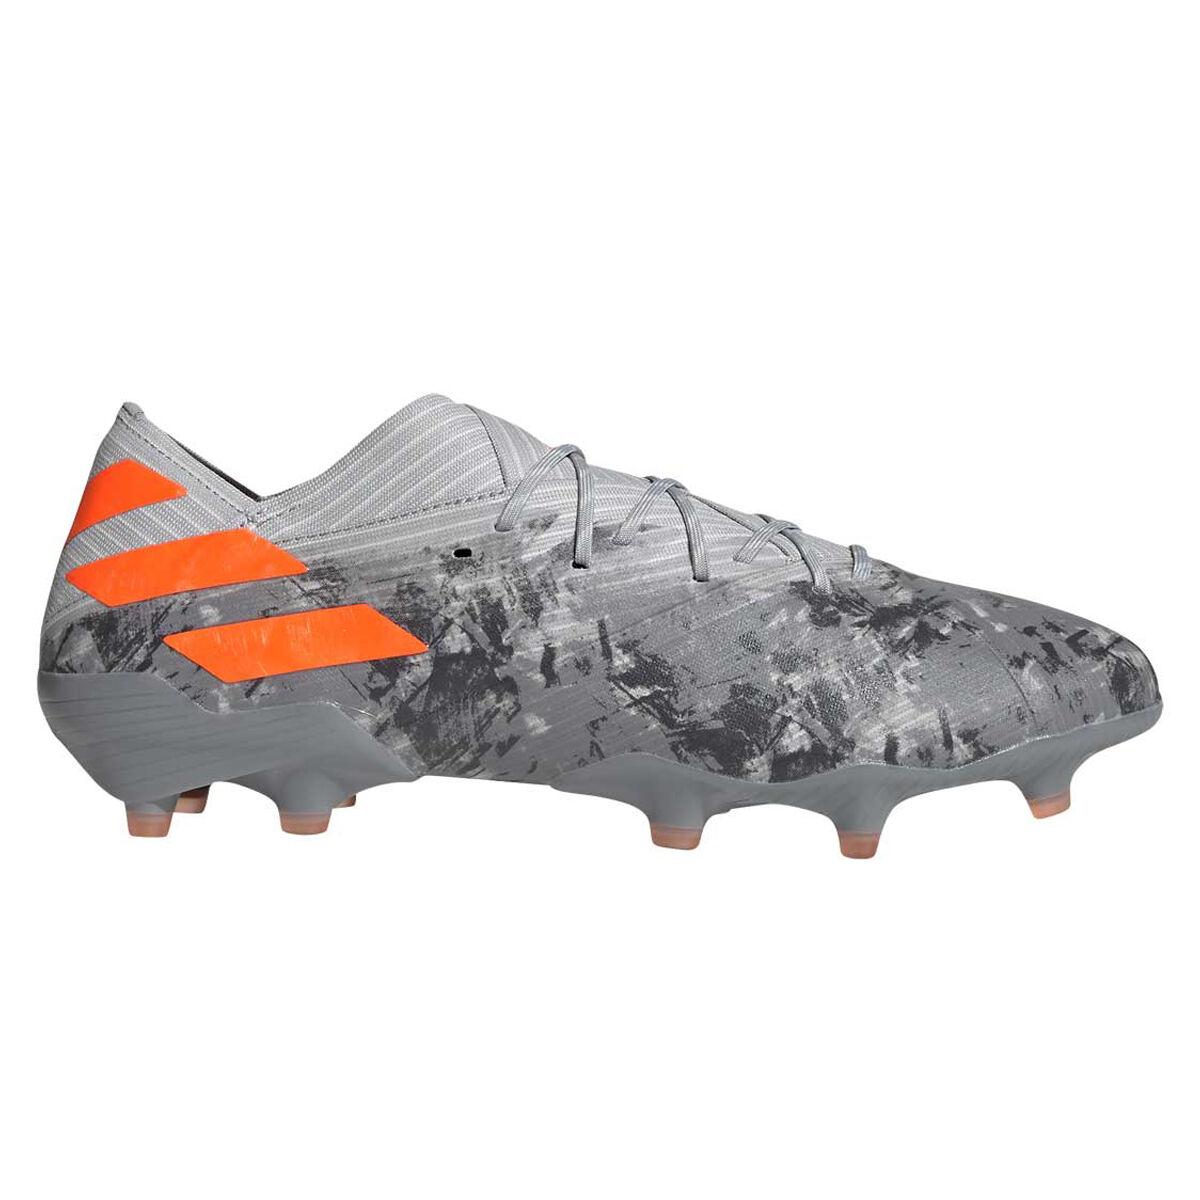 adidas Nemeziz 19.1 Football Boots Grey